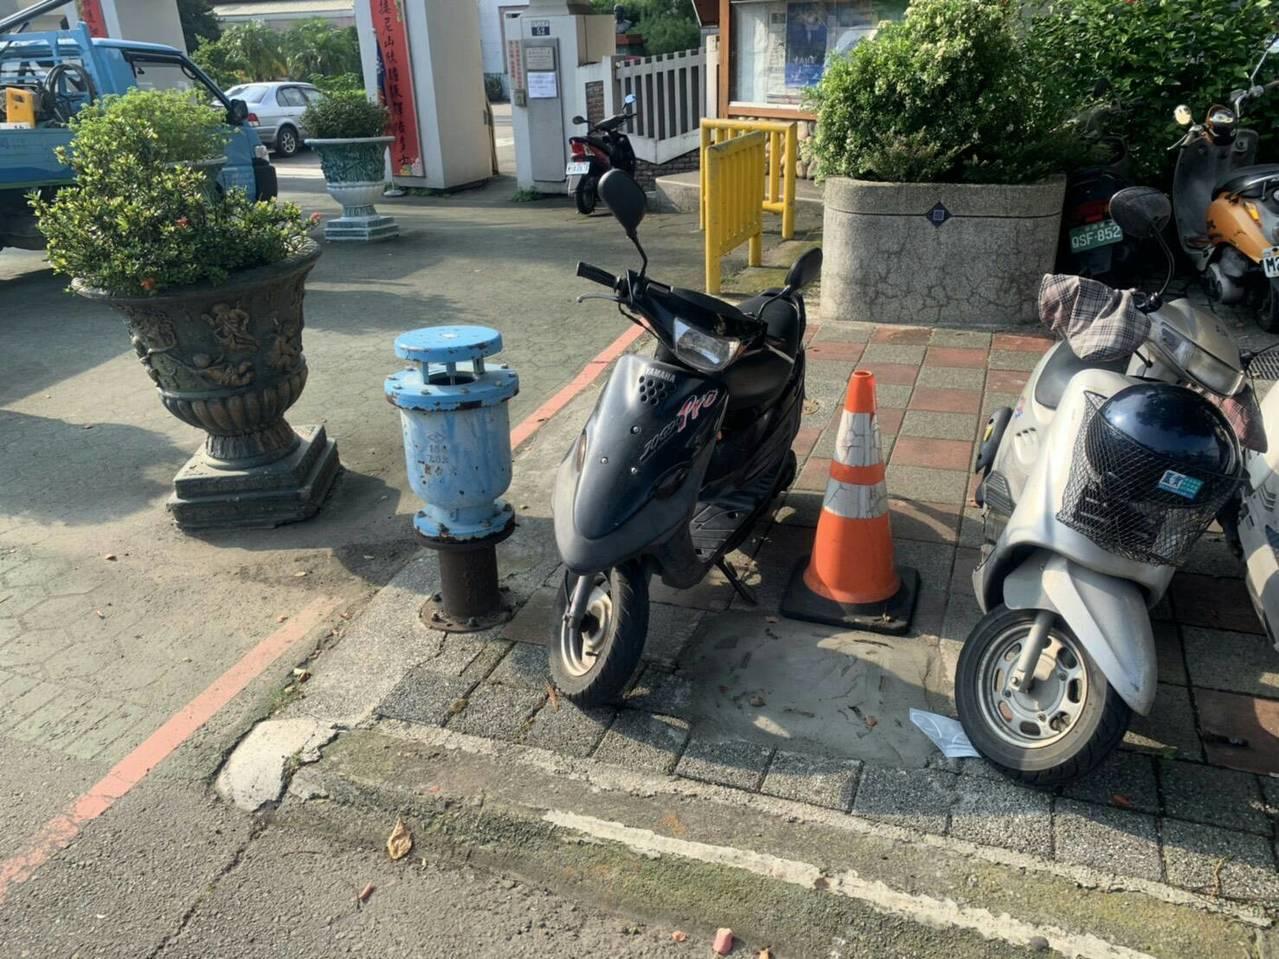 台灣自來水公司擔心引發民眾誤會,昨日已經將藍色消防栓拆除。圖/豐原給水廠提供